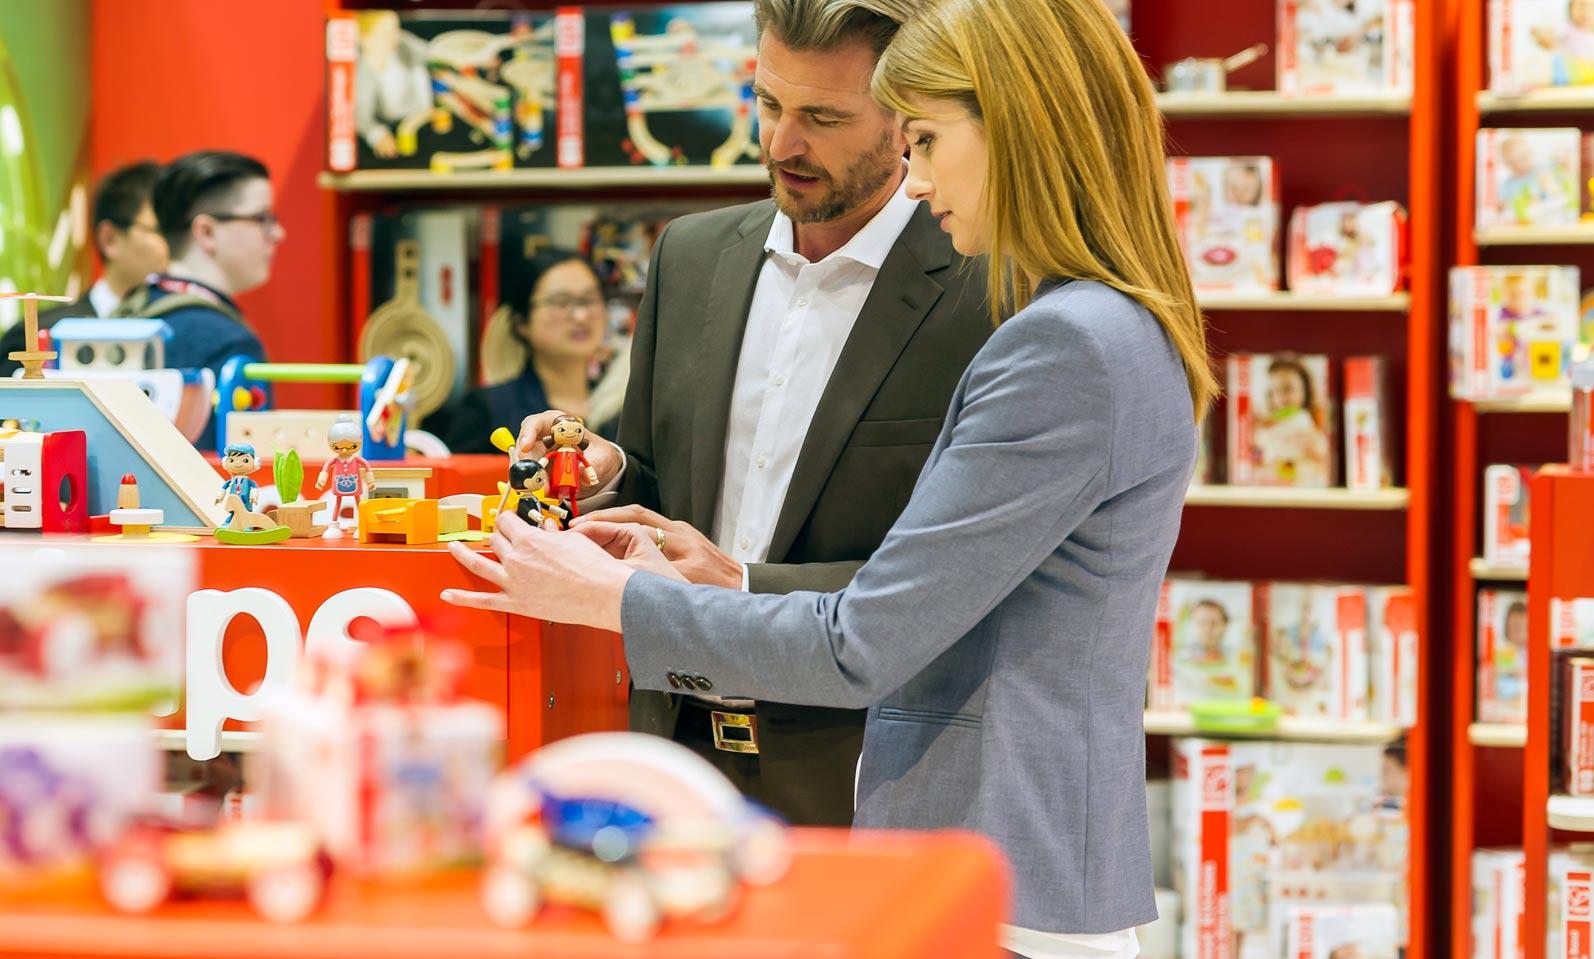 savjeti strucnjaka kako da pametno kupujete